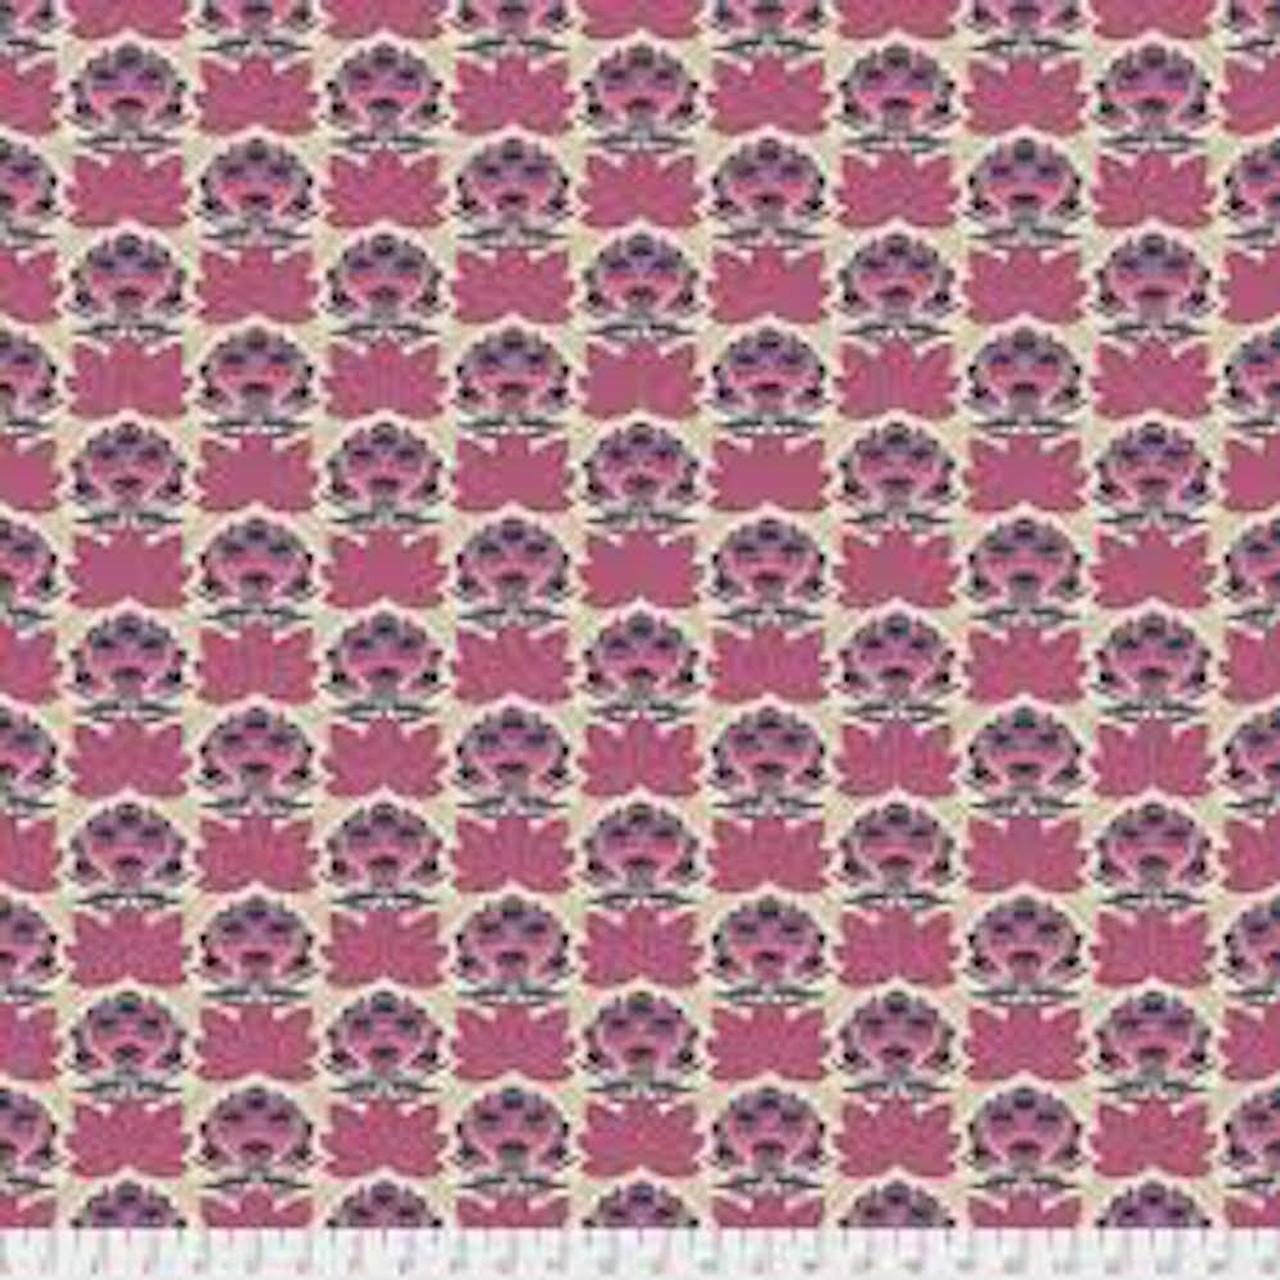 Joel Dewberry Avalon PWJD157 Sugar Bloom Berry Cotton Fabric By Yd